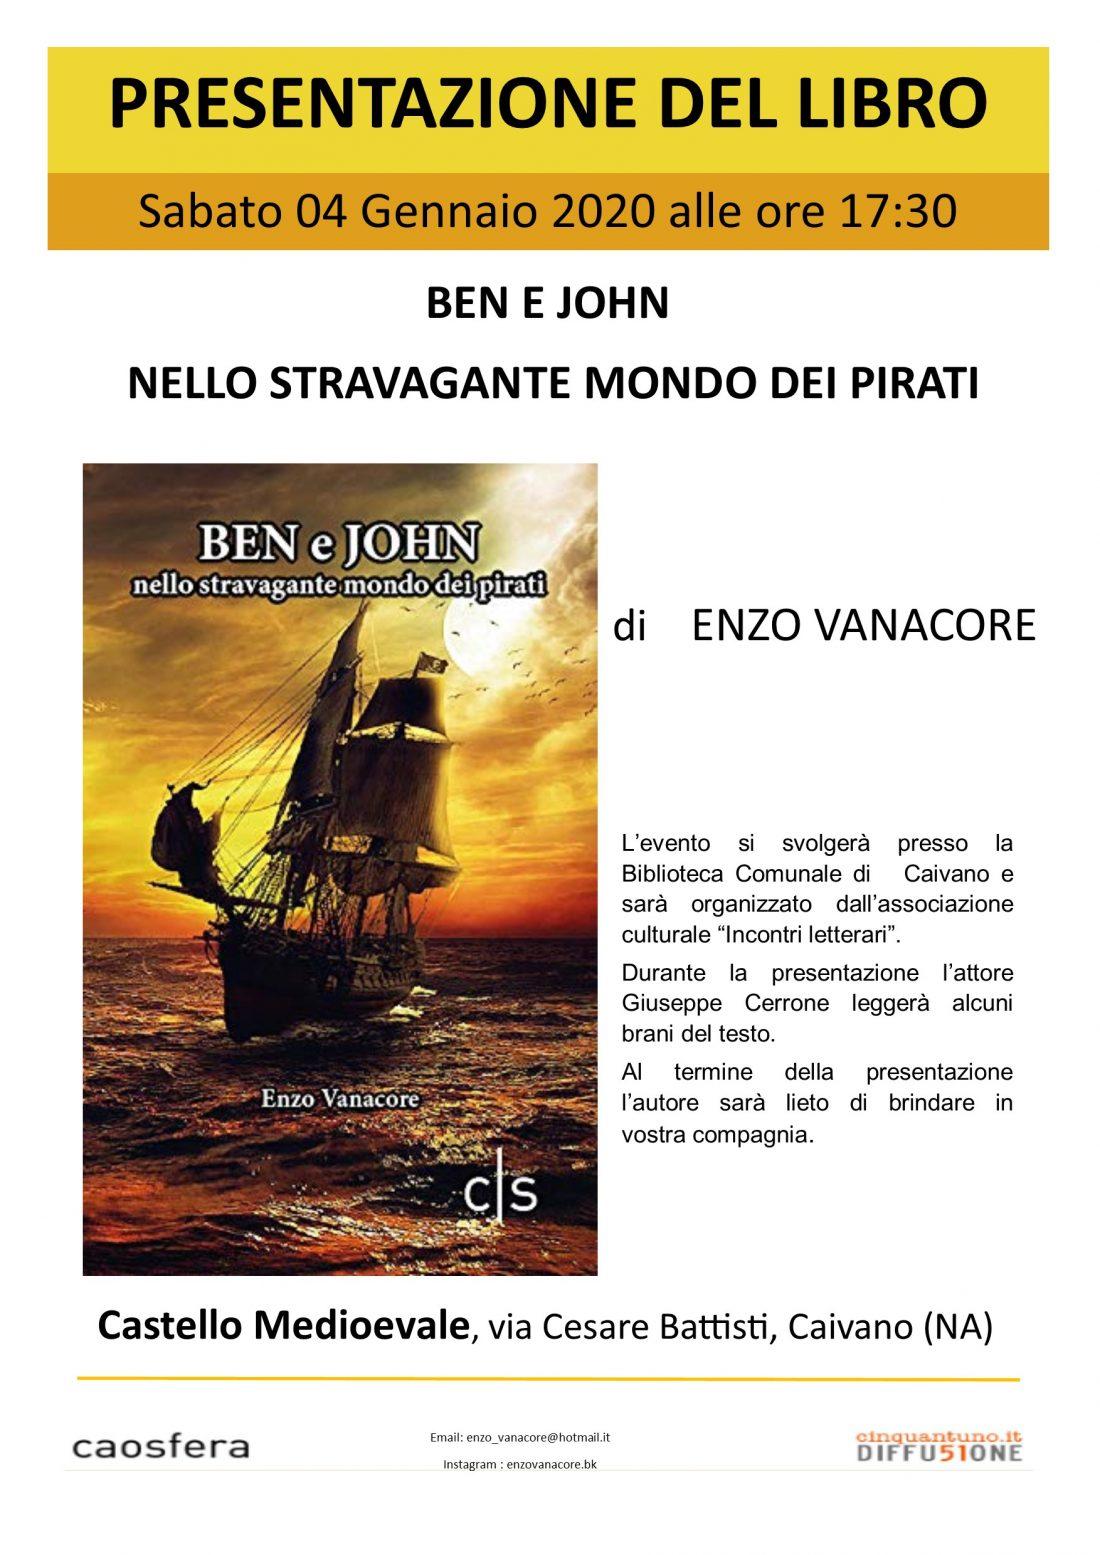 """Presentazione del libro """"Ben e John nello stravagante mondo dei pirati"""" di Enzo Vanacore"""